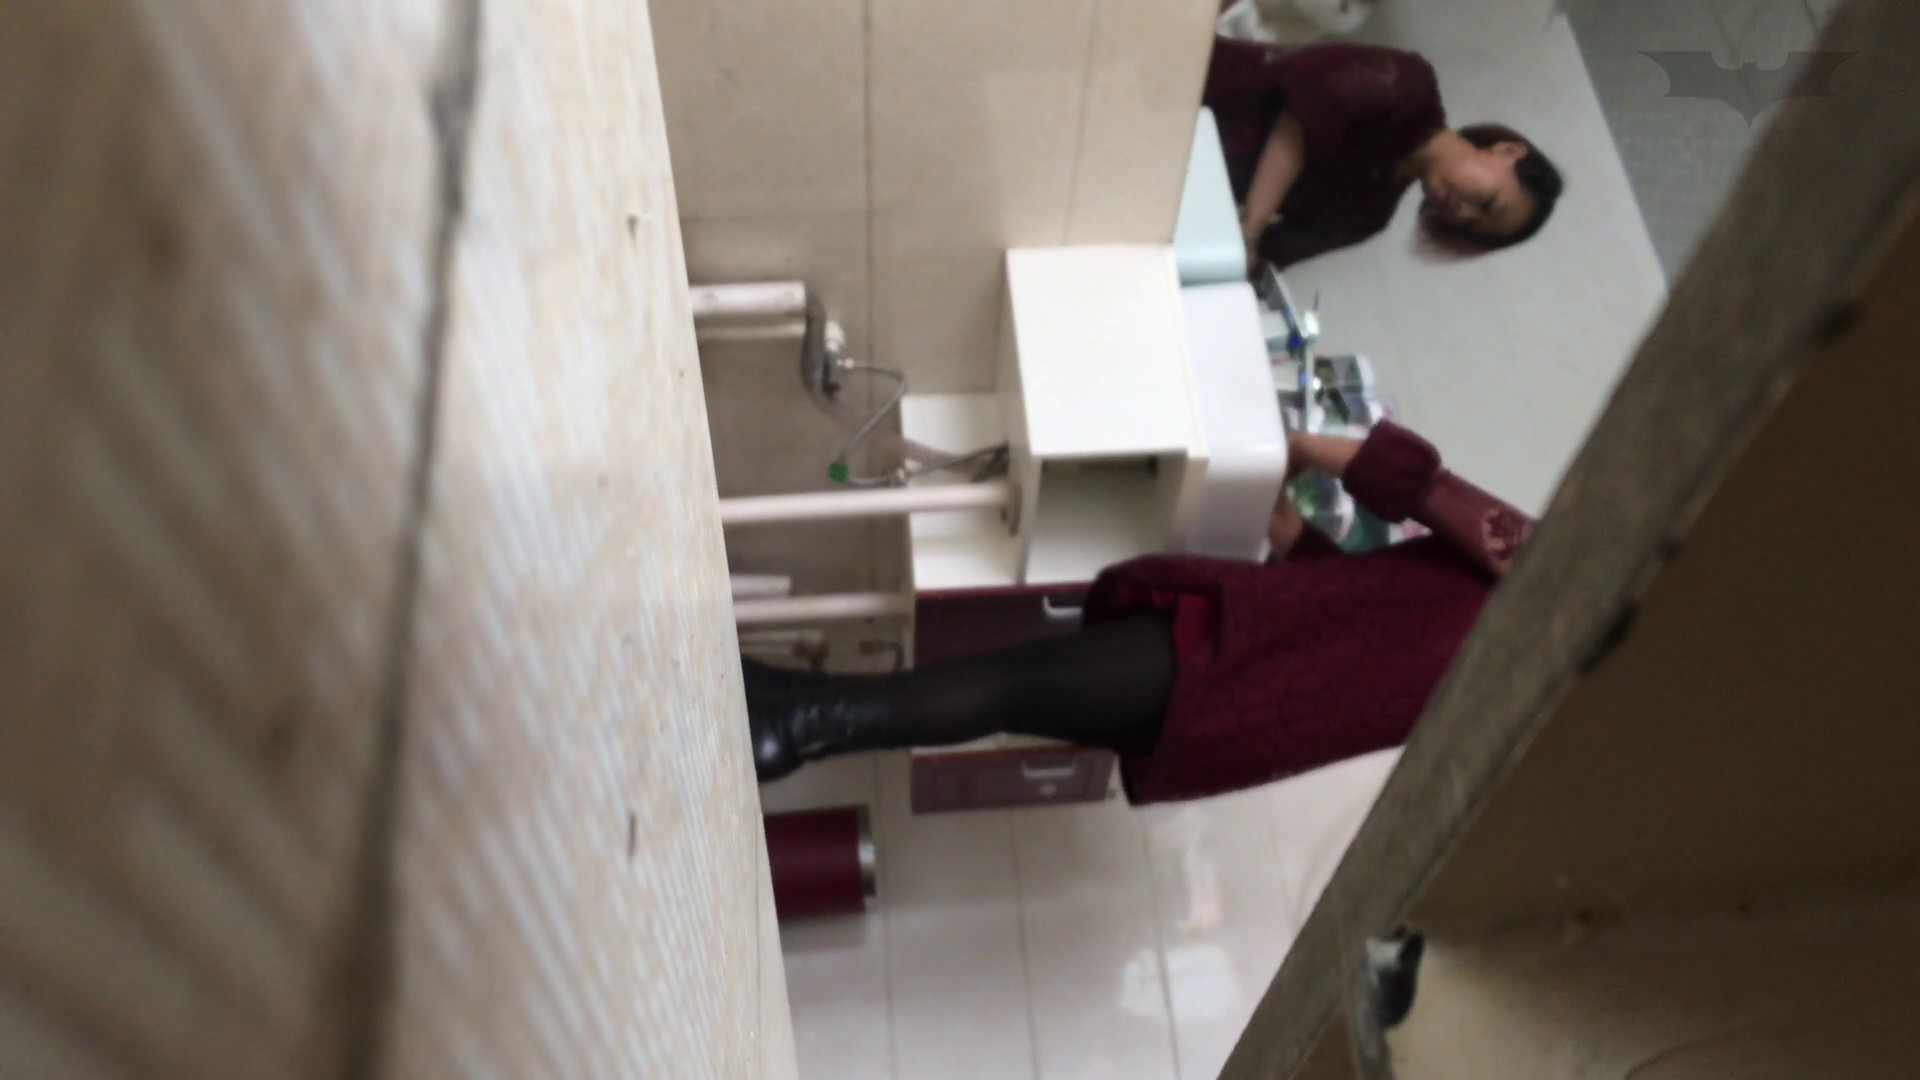 芸術大学ガチ潜入盗撮 JD盗撮 美女の洗面所の秘密 Vol.111 美女 おめこ無修正動画無料 96画像 39